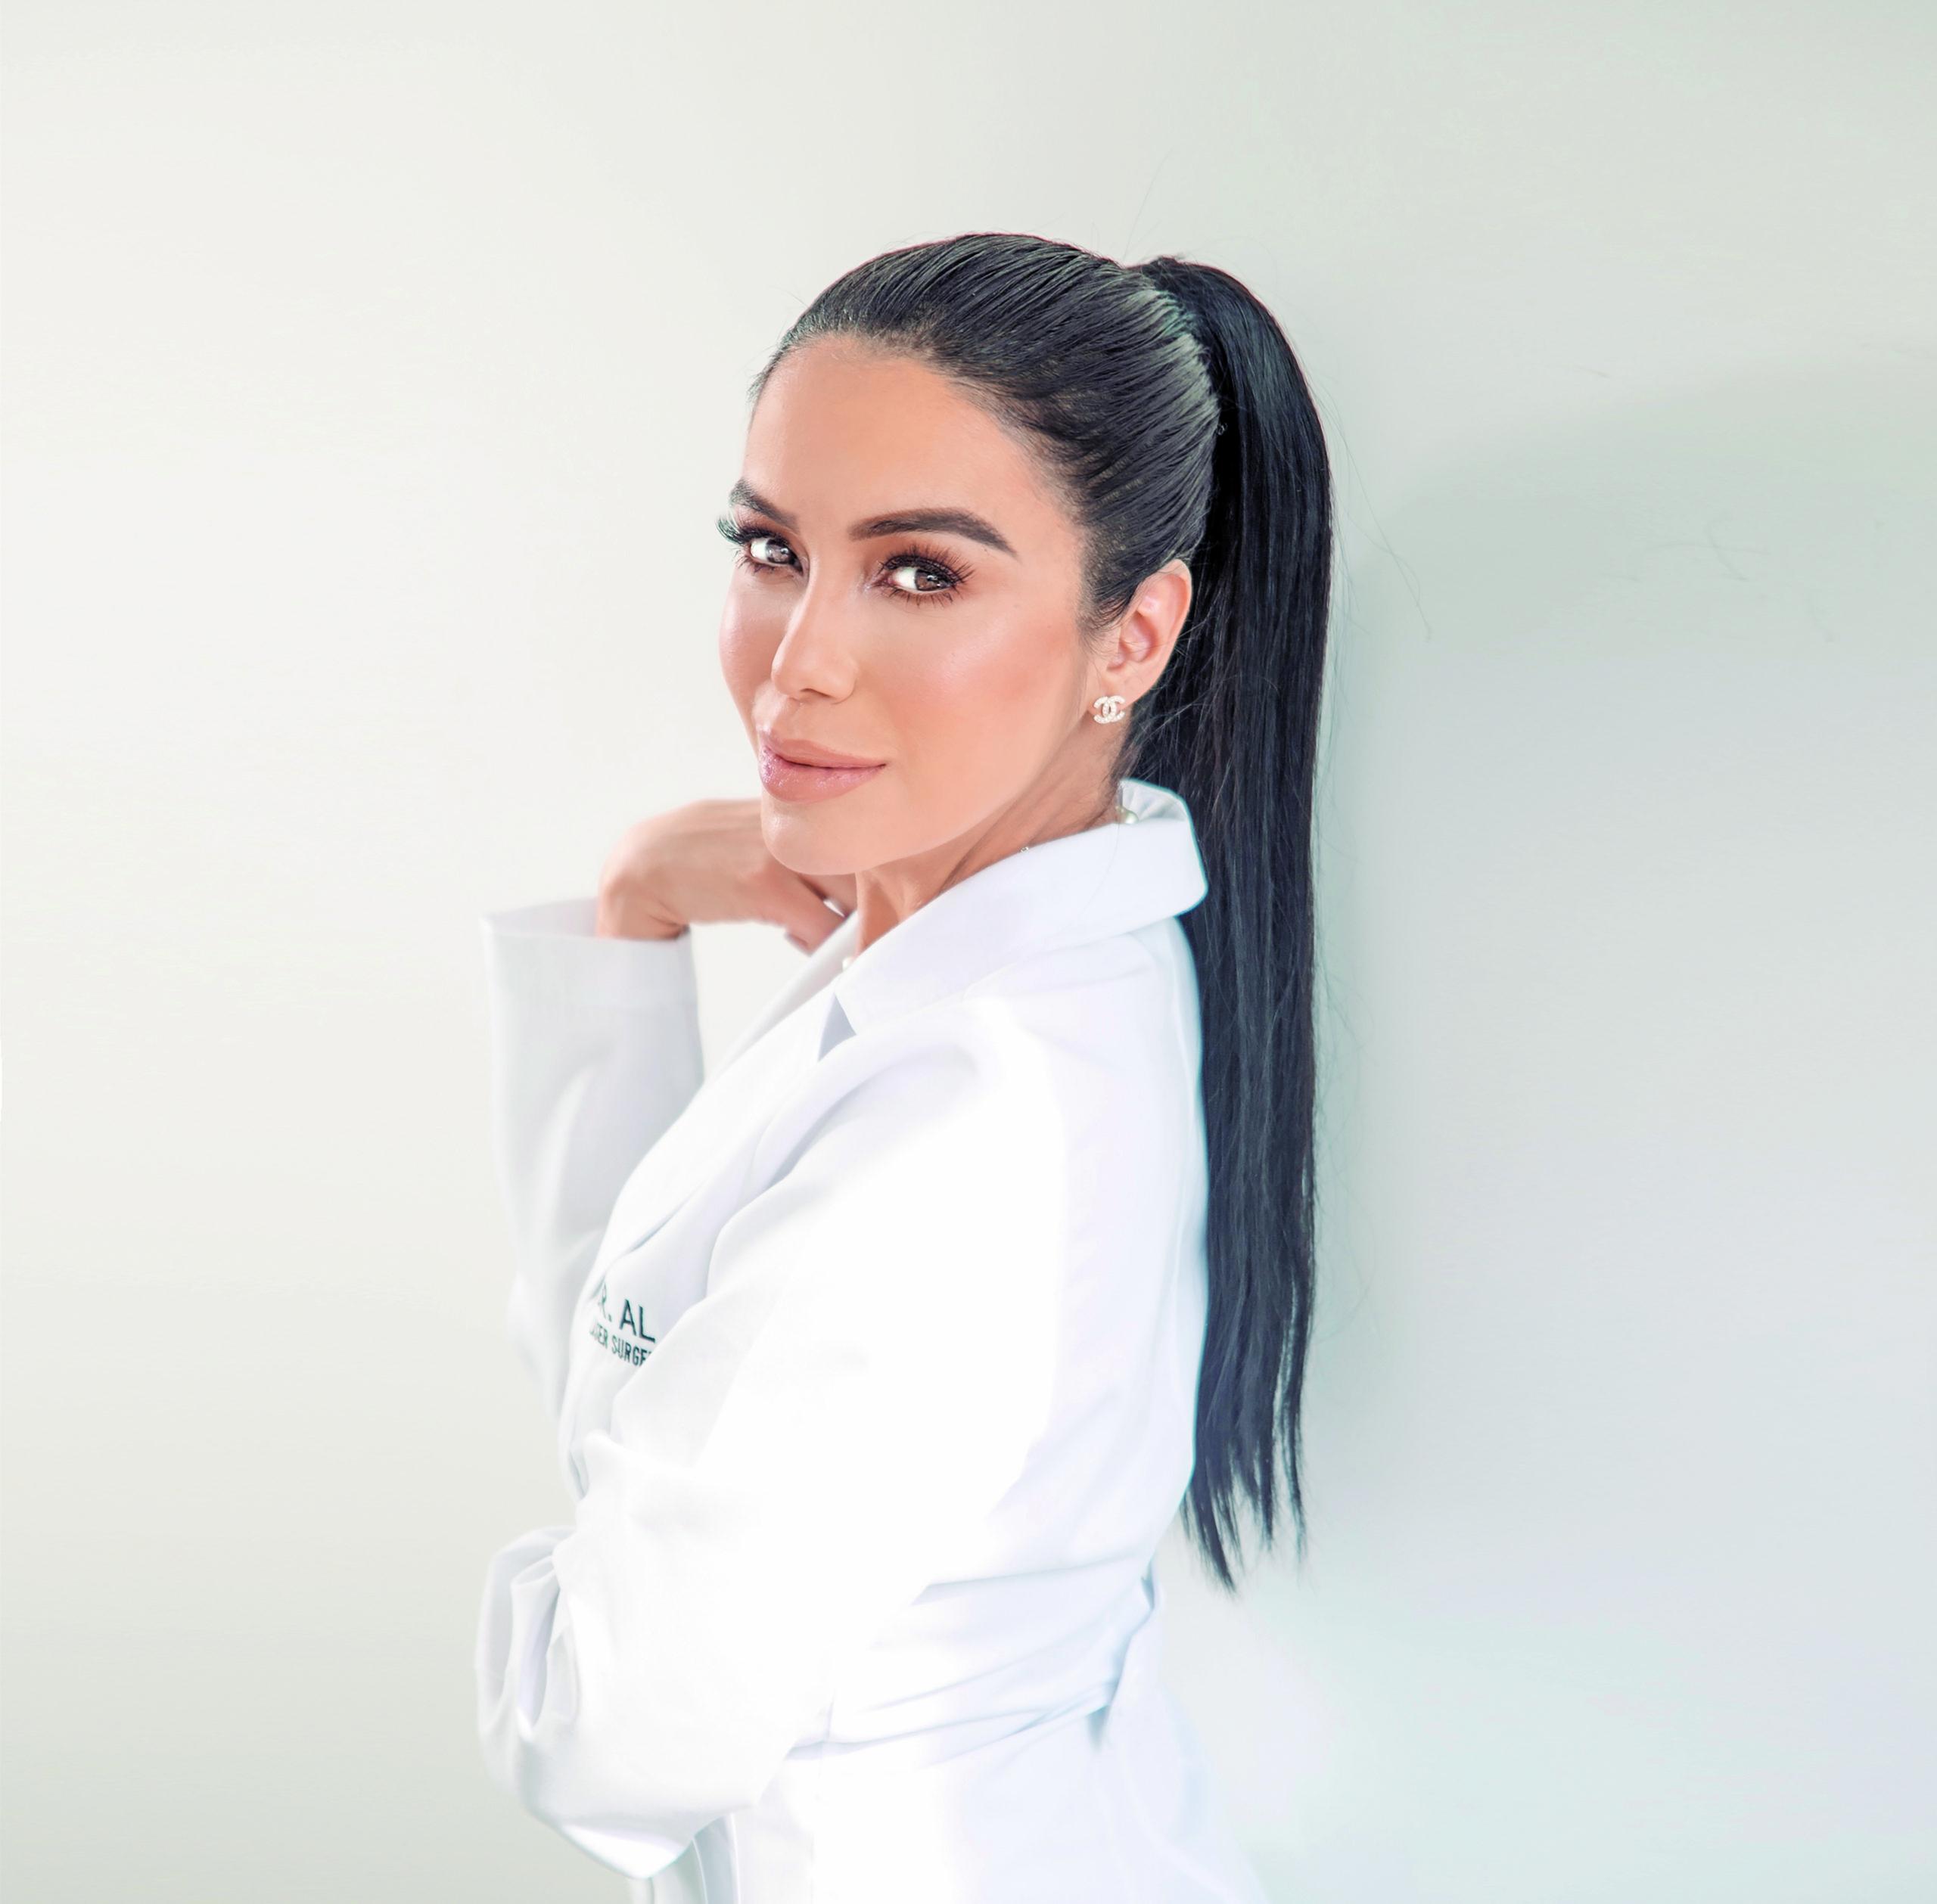 Enfrentar la vida con fortaleza y pasión: Dra. Alejandra Alvarado